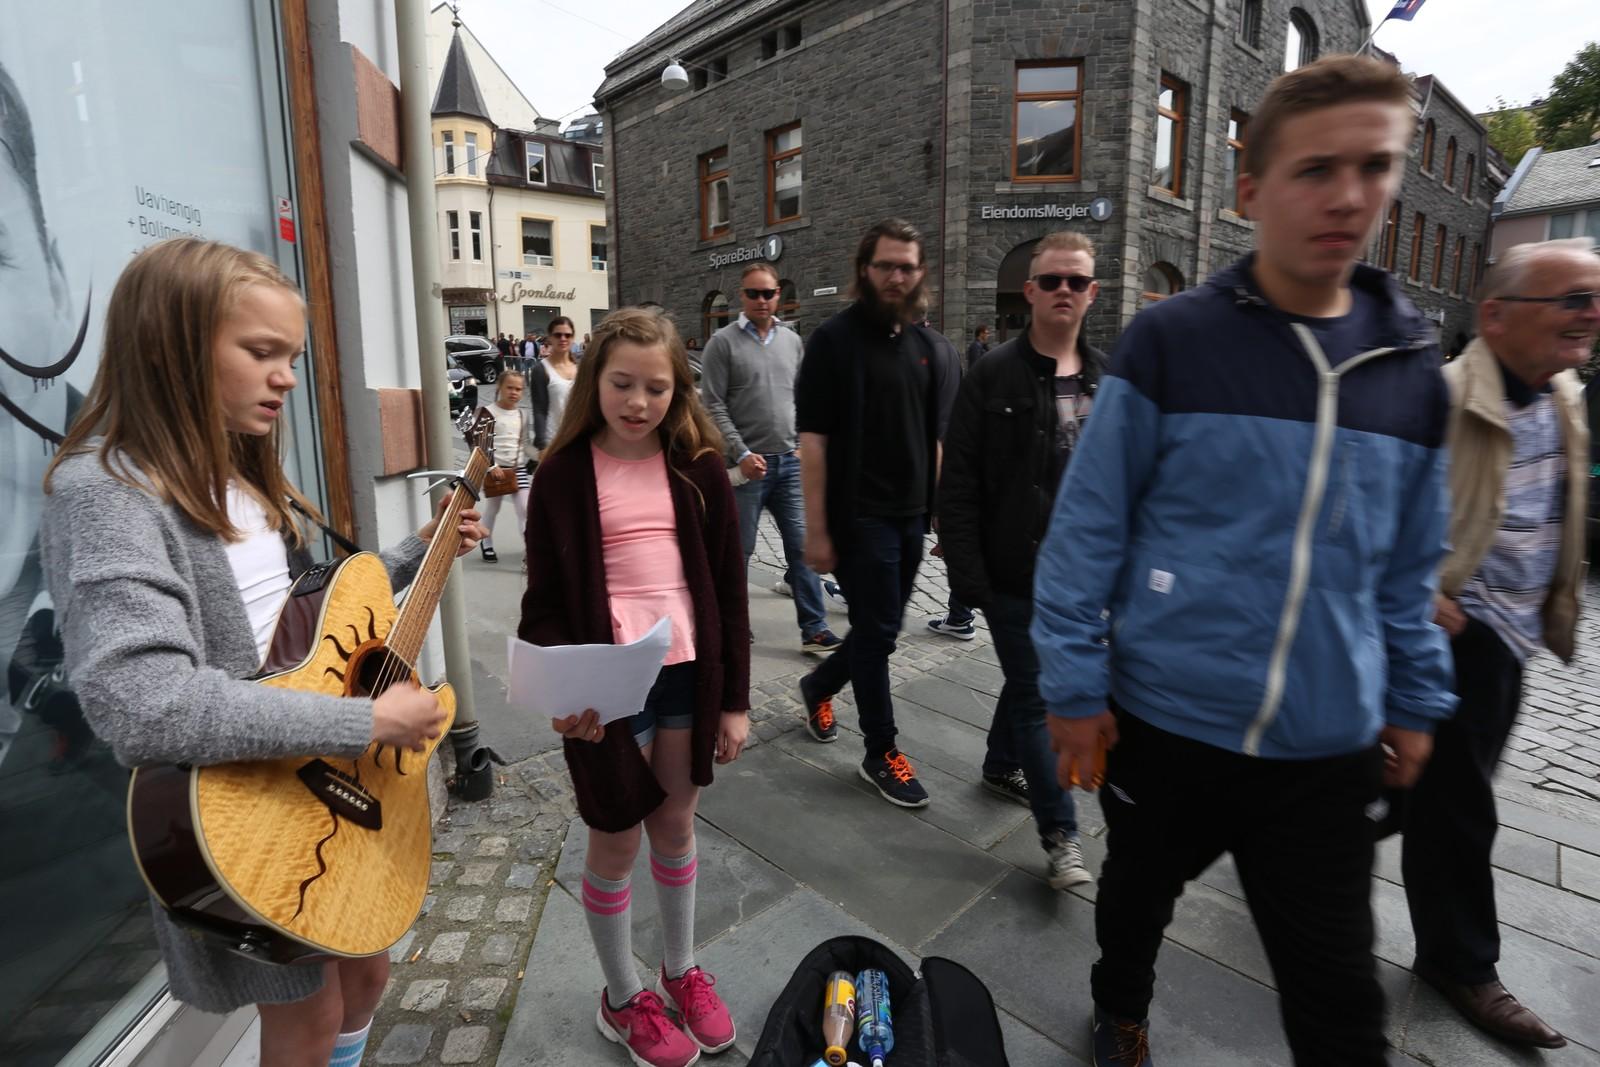 GATEMUSIKANTAR: Live Marie Hanken (12) og Maiken Bratlie Vadseth (11), begge busett i Ålesund, spelar på gata.